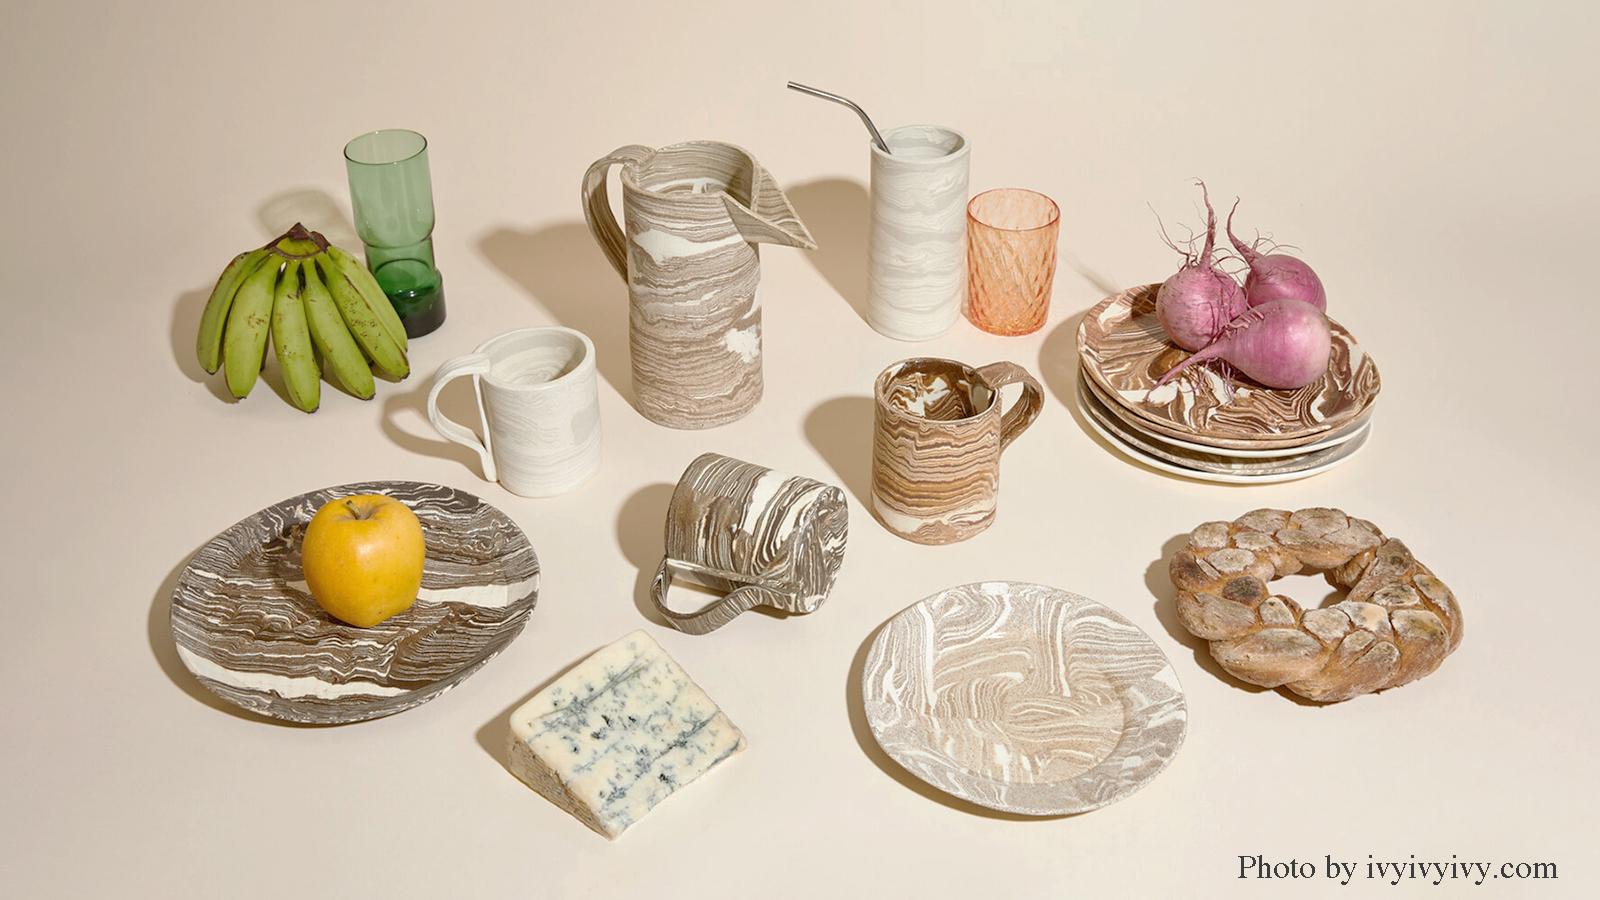 「食卓を彩る器の衣替え」のアイキャッチ画像